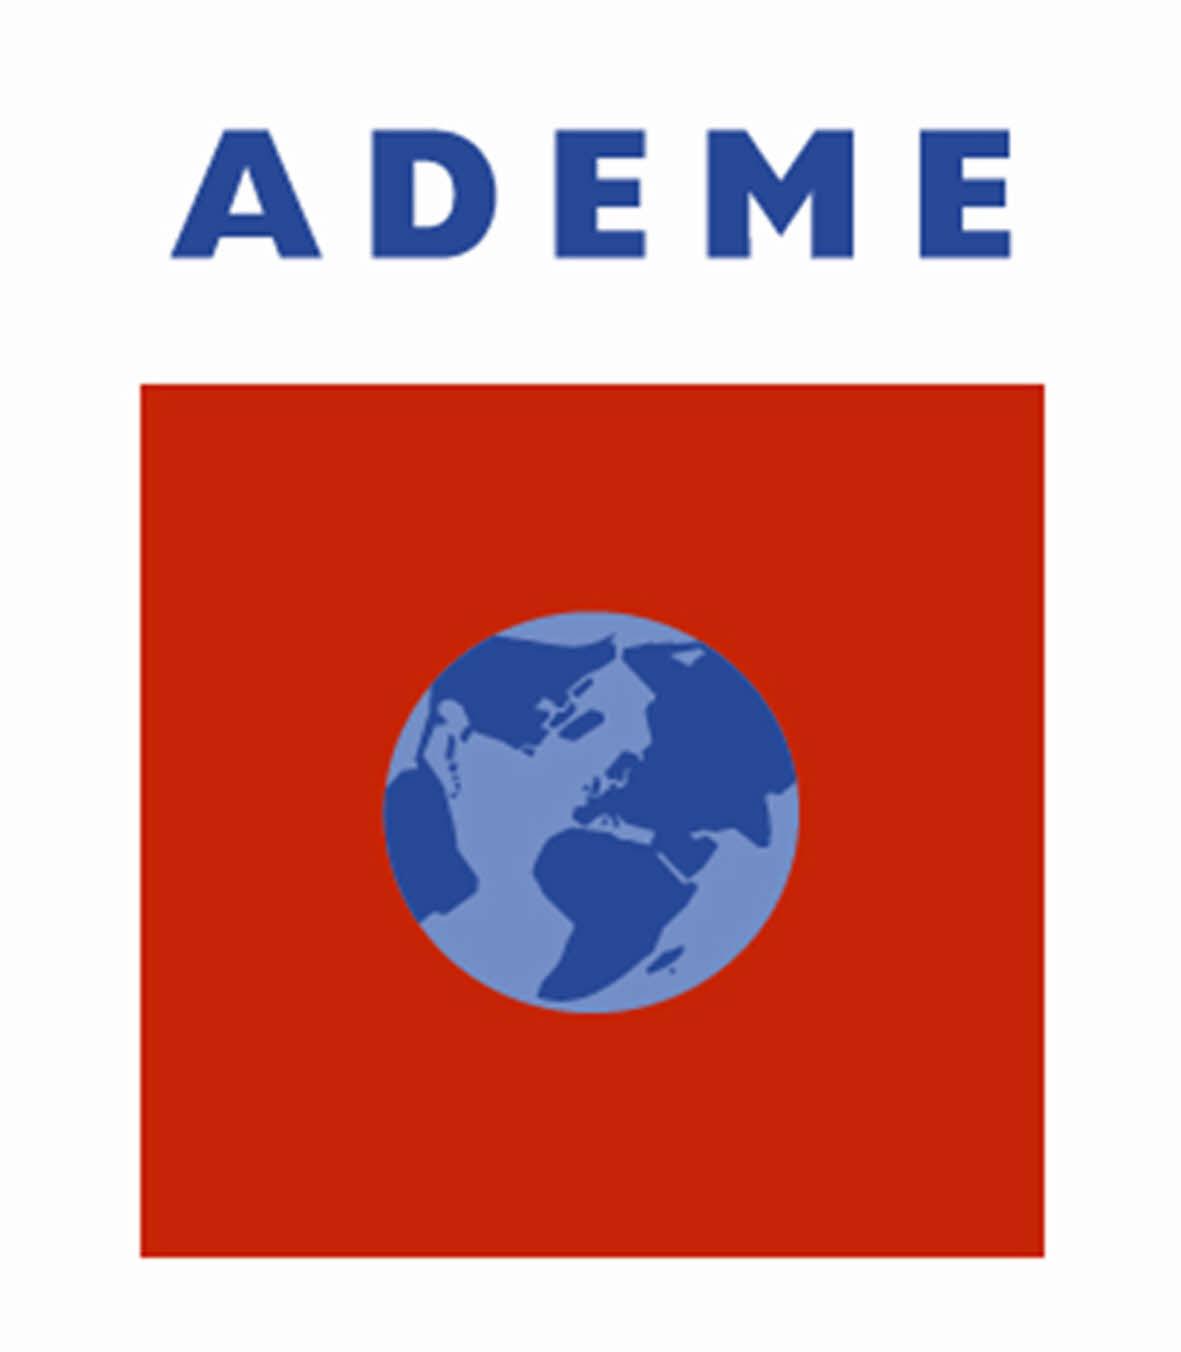 Matignon propose Bruno Léchevin à la présidence de l'ADEME